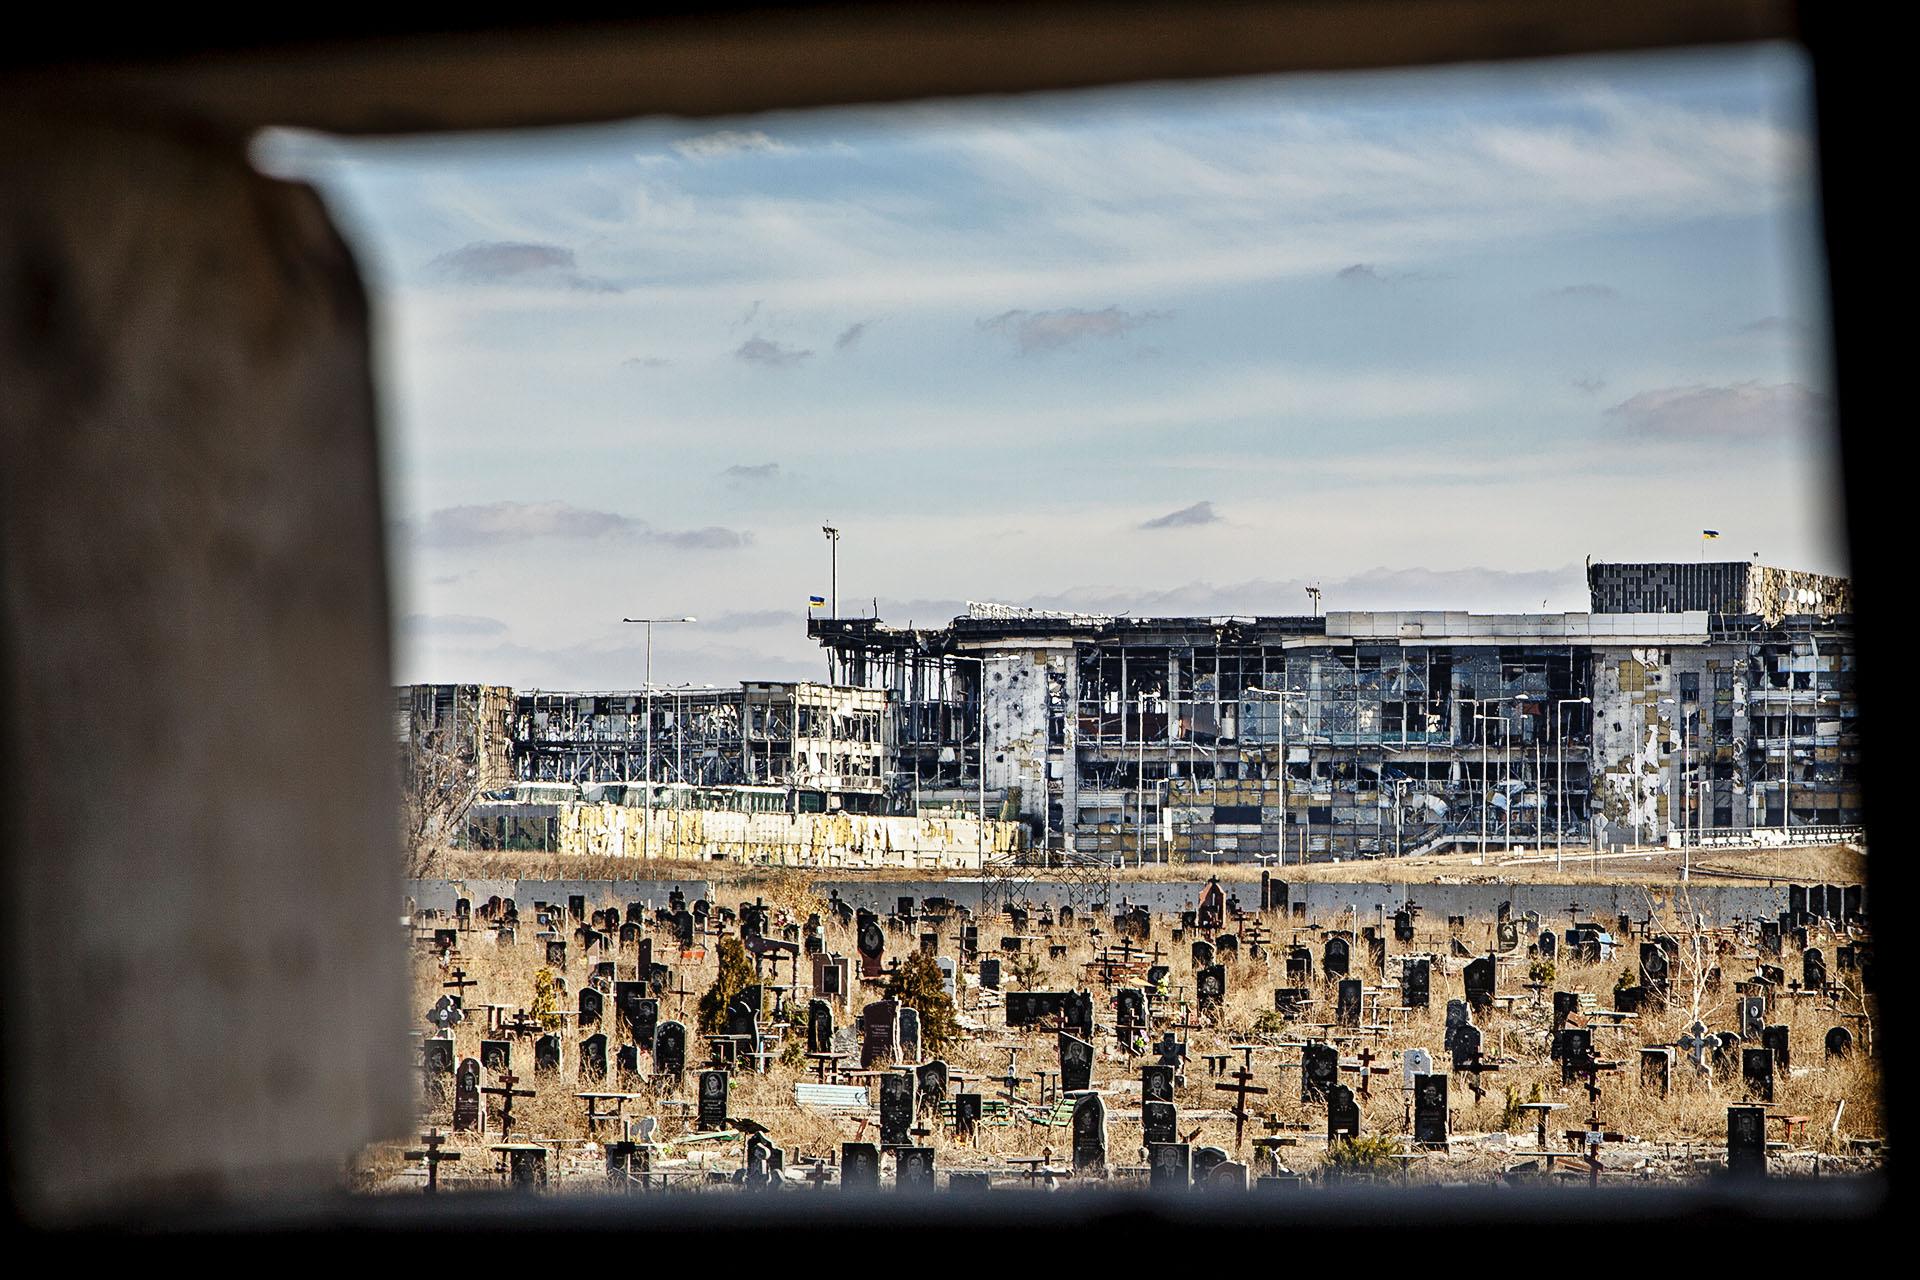 El aeropuerto de Donetsk fue reinaugurado para la Eurocpa de 2012 tras una inversión de 700 millones de euros